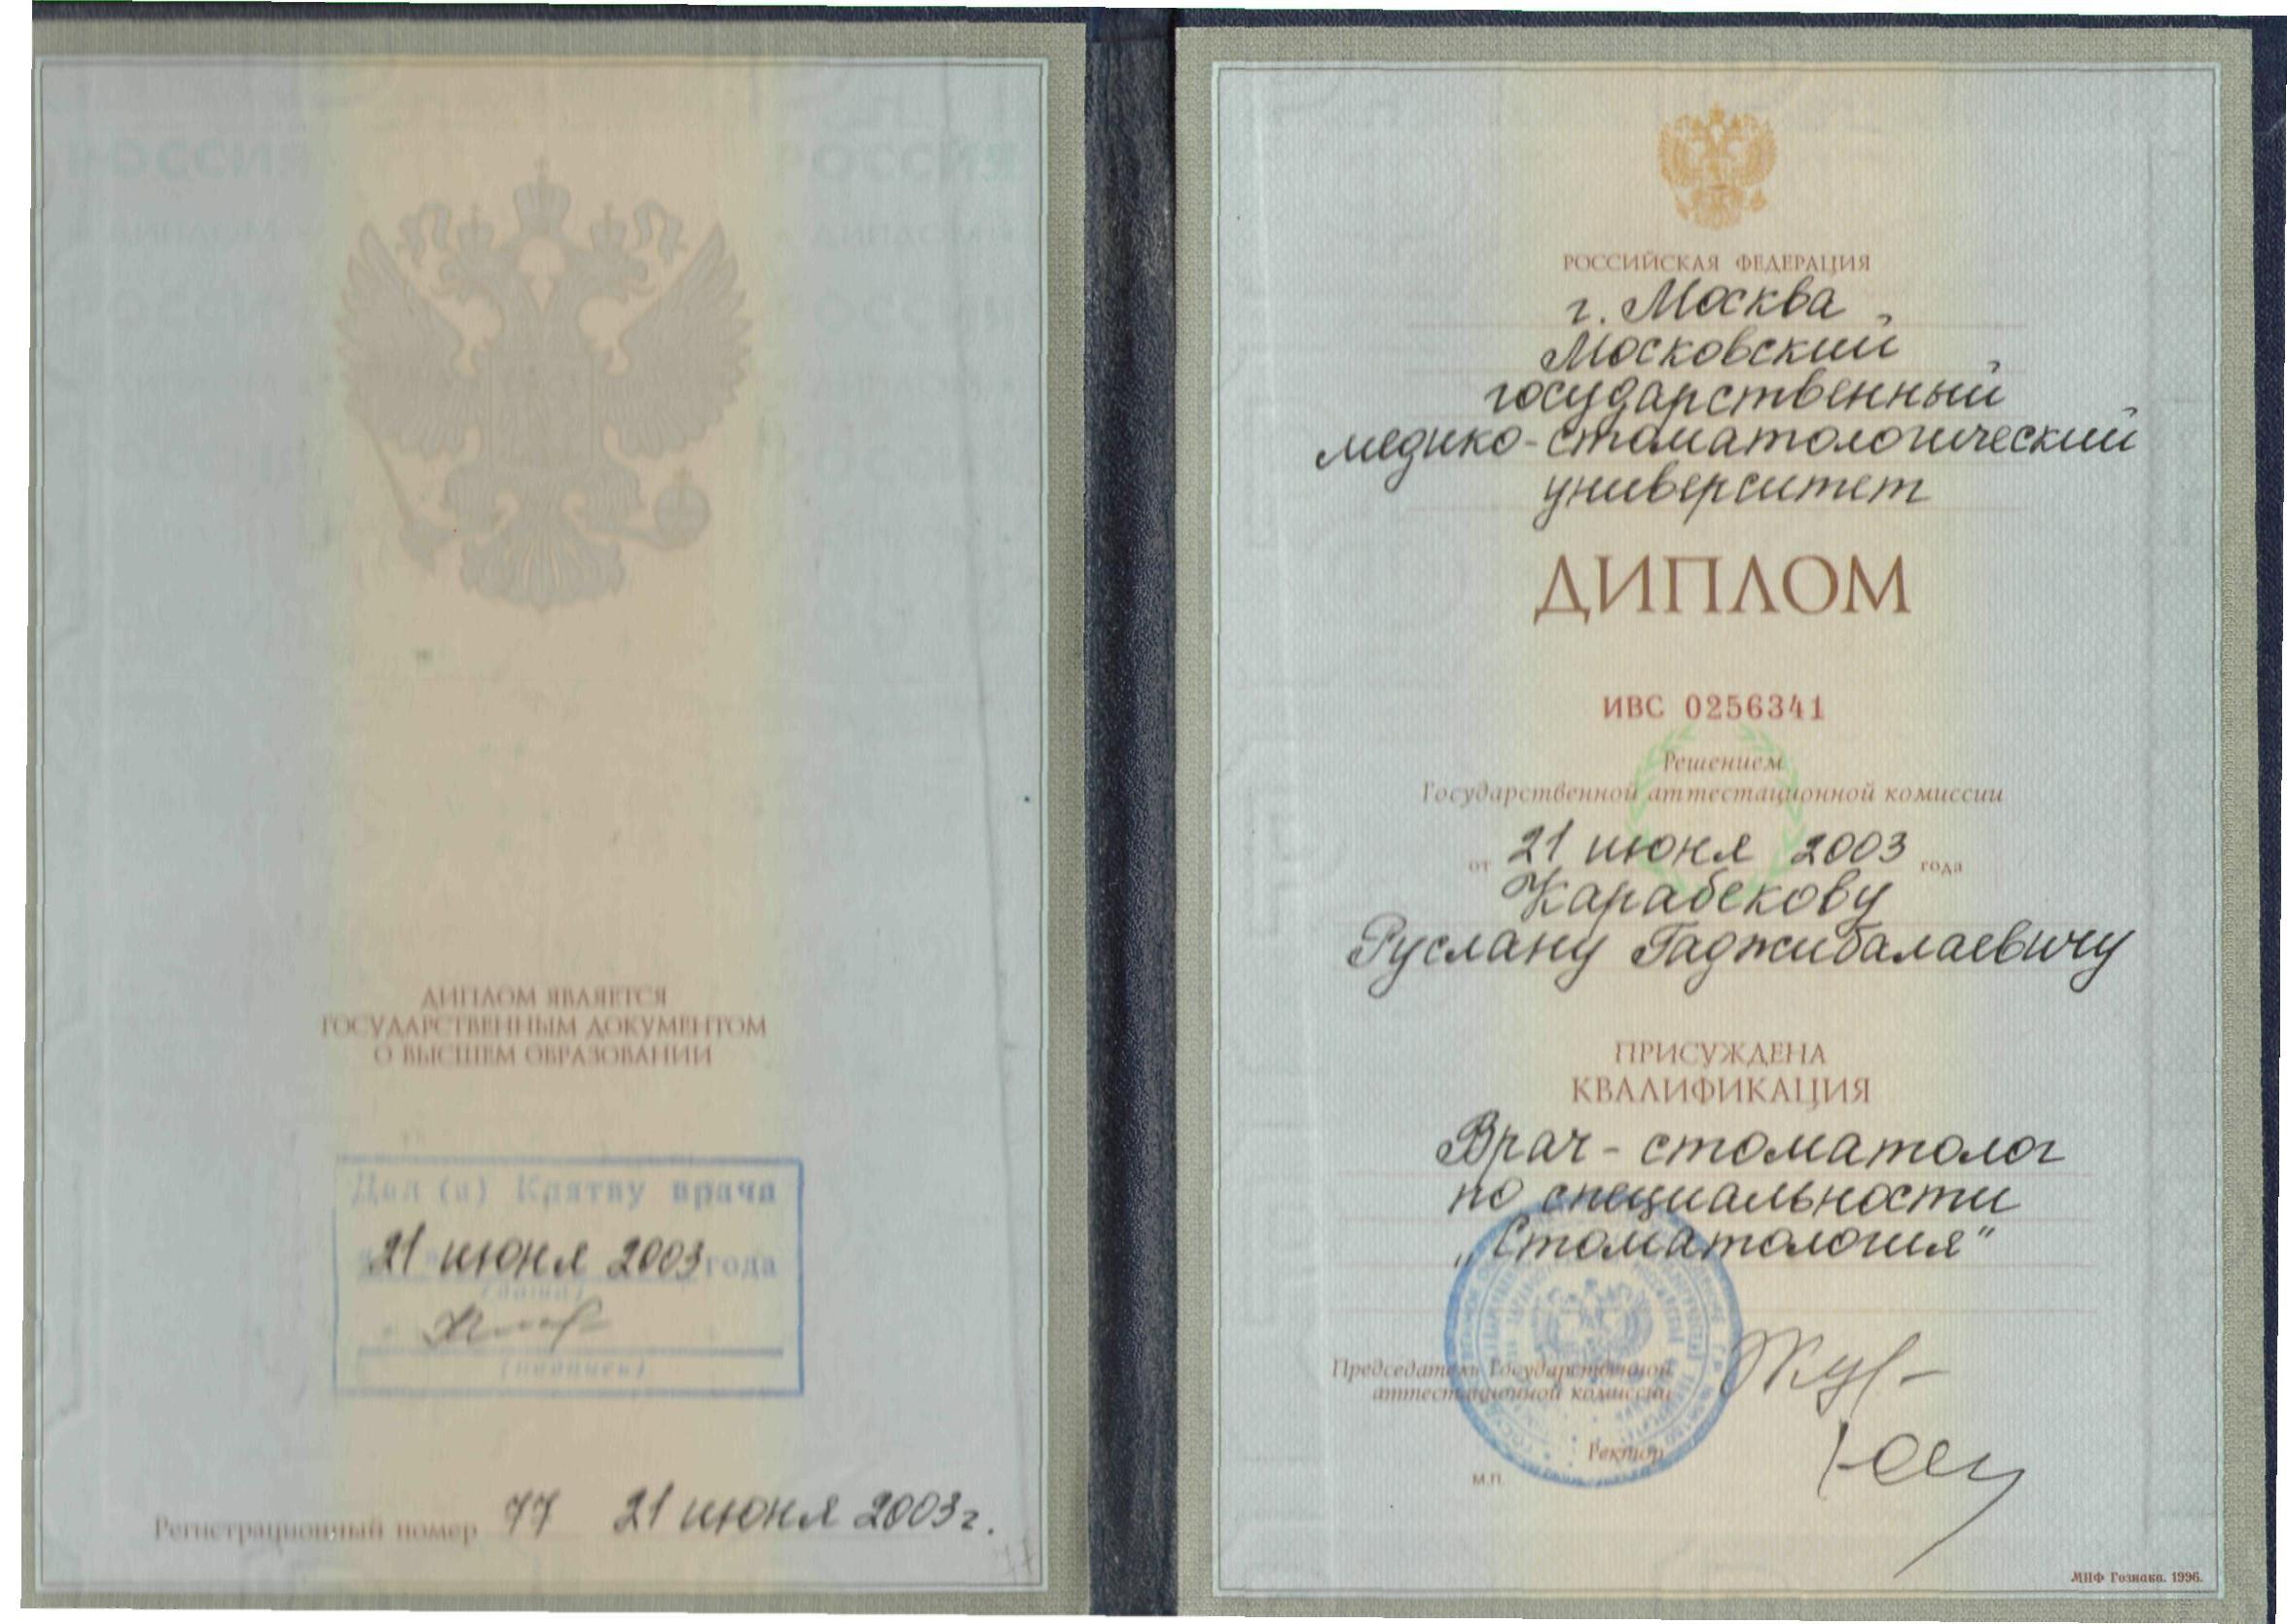 2003 диплом